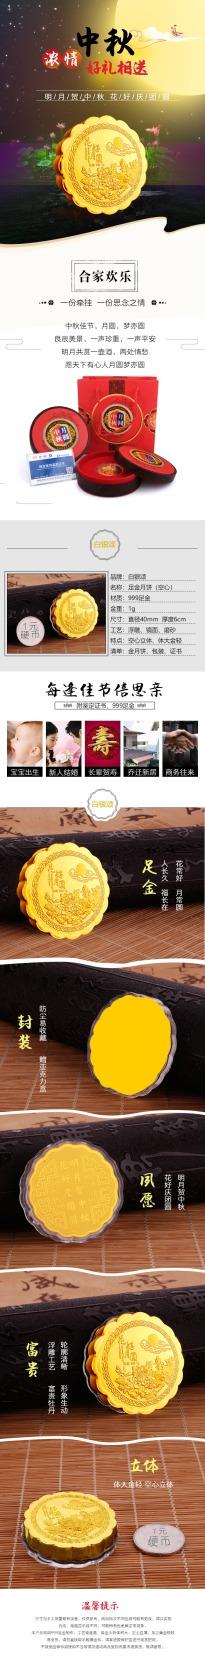 清新简约百货零售美食中秋糕点月饼促销电商详情页